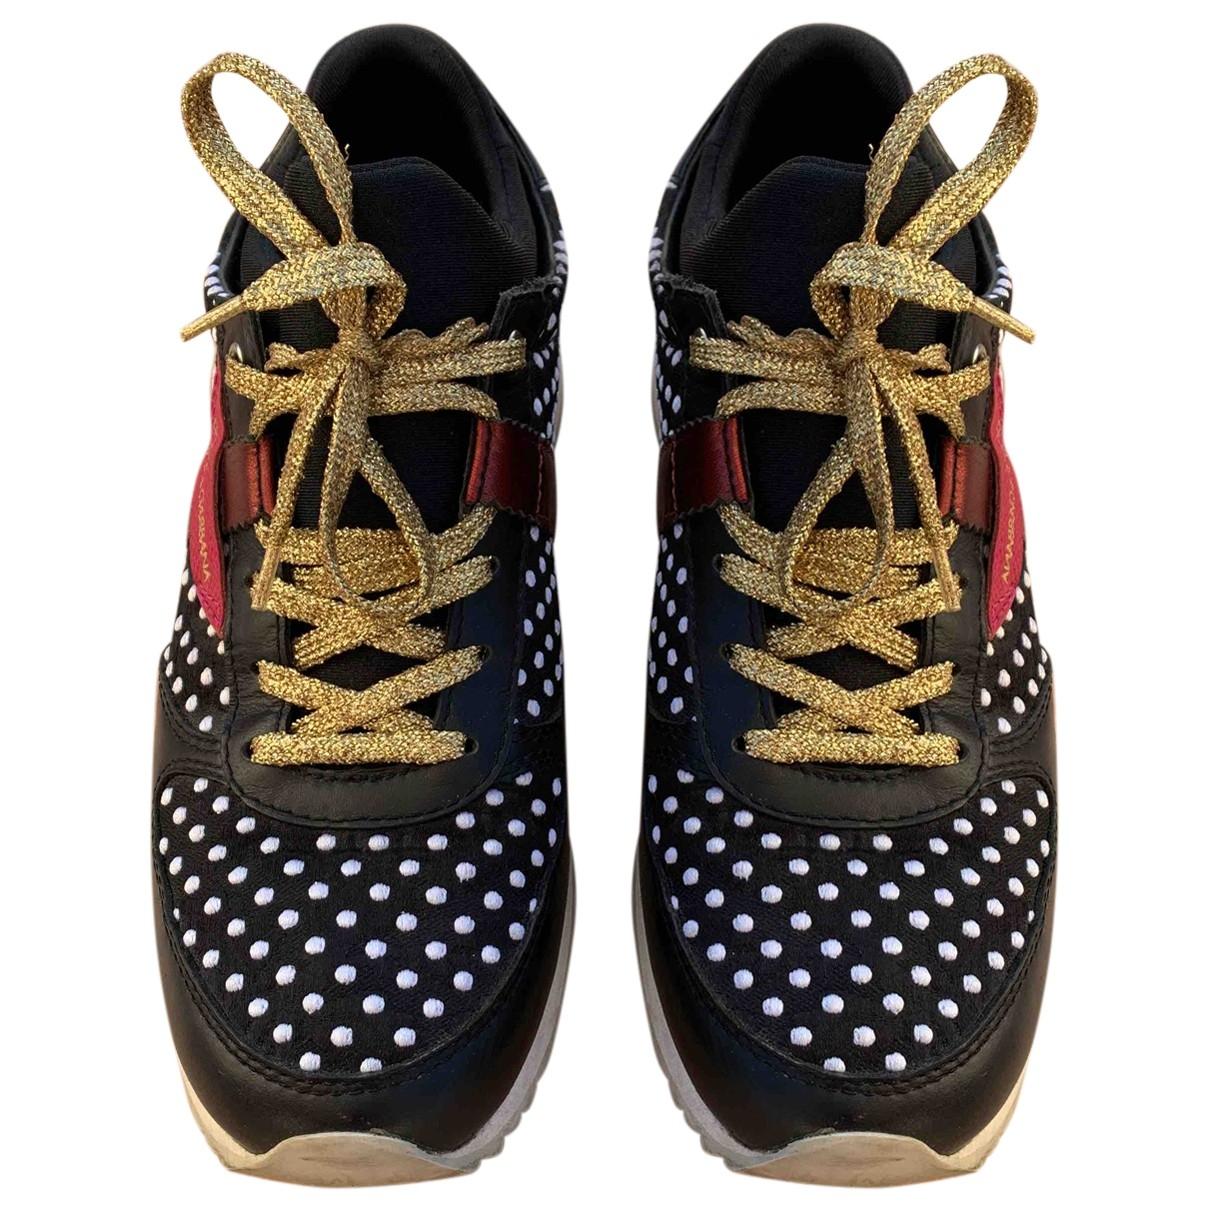 Dolce & Gabbana - Baskets   pour femme en cuir - multicolore